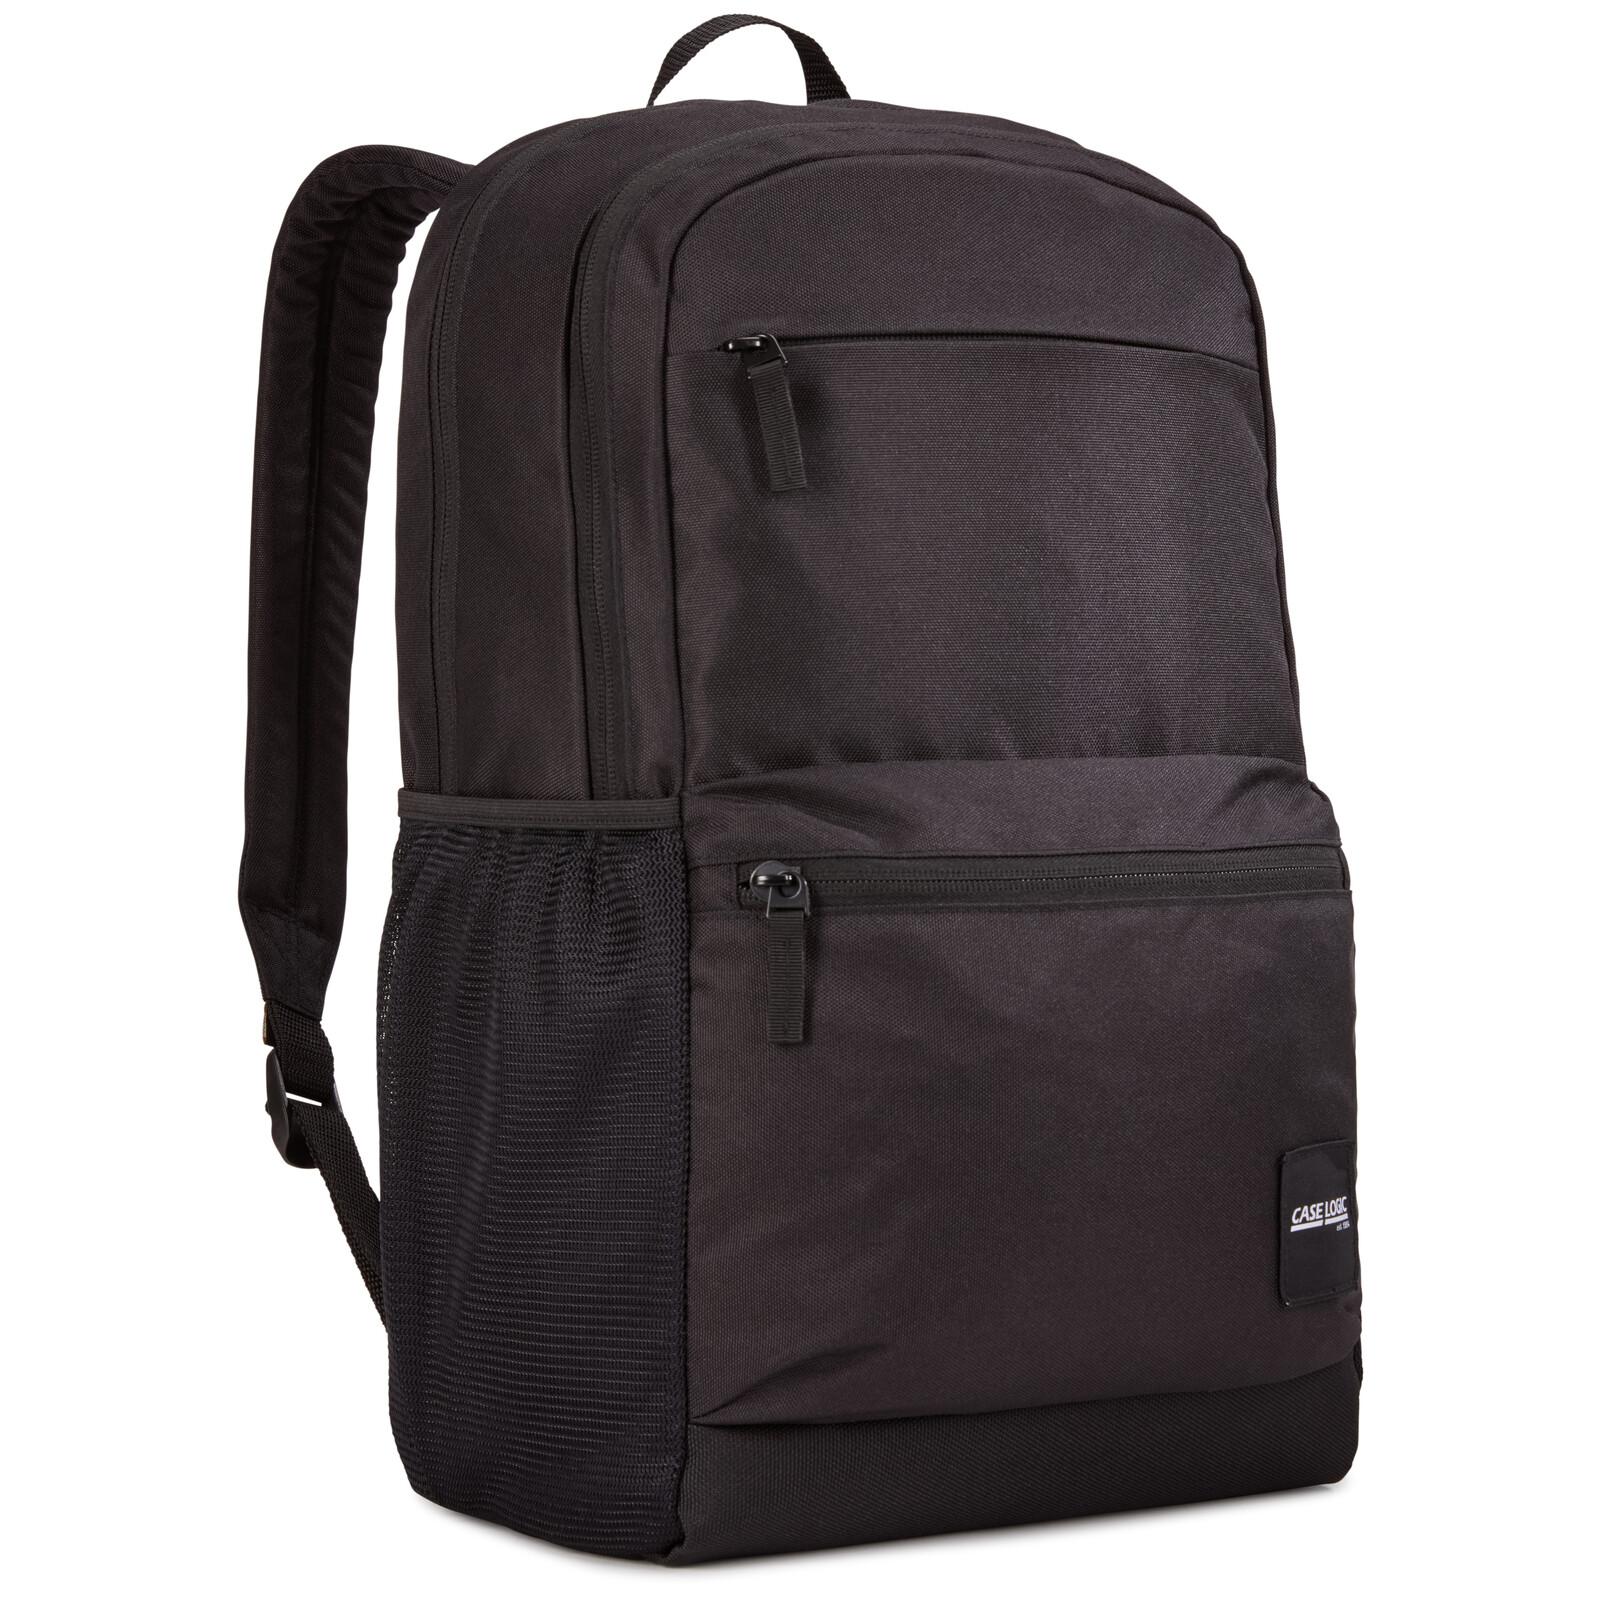 CaseLogic Uplink 26L Backpack schwarz